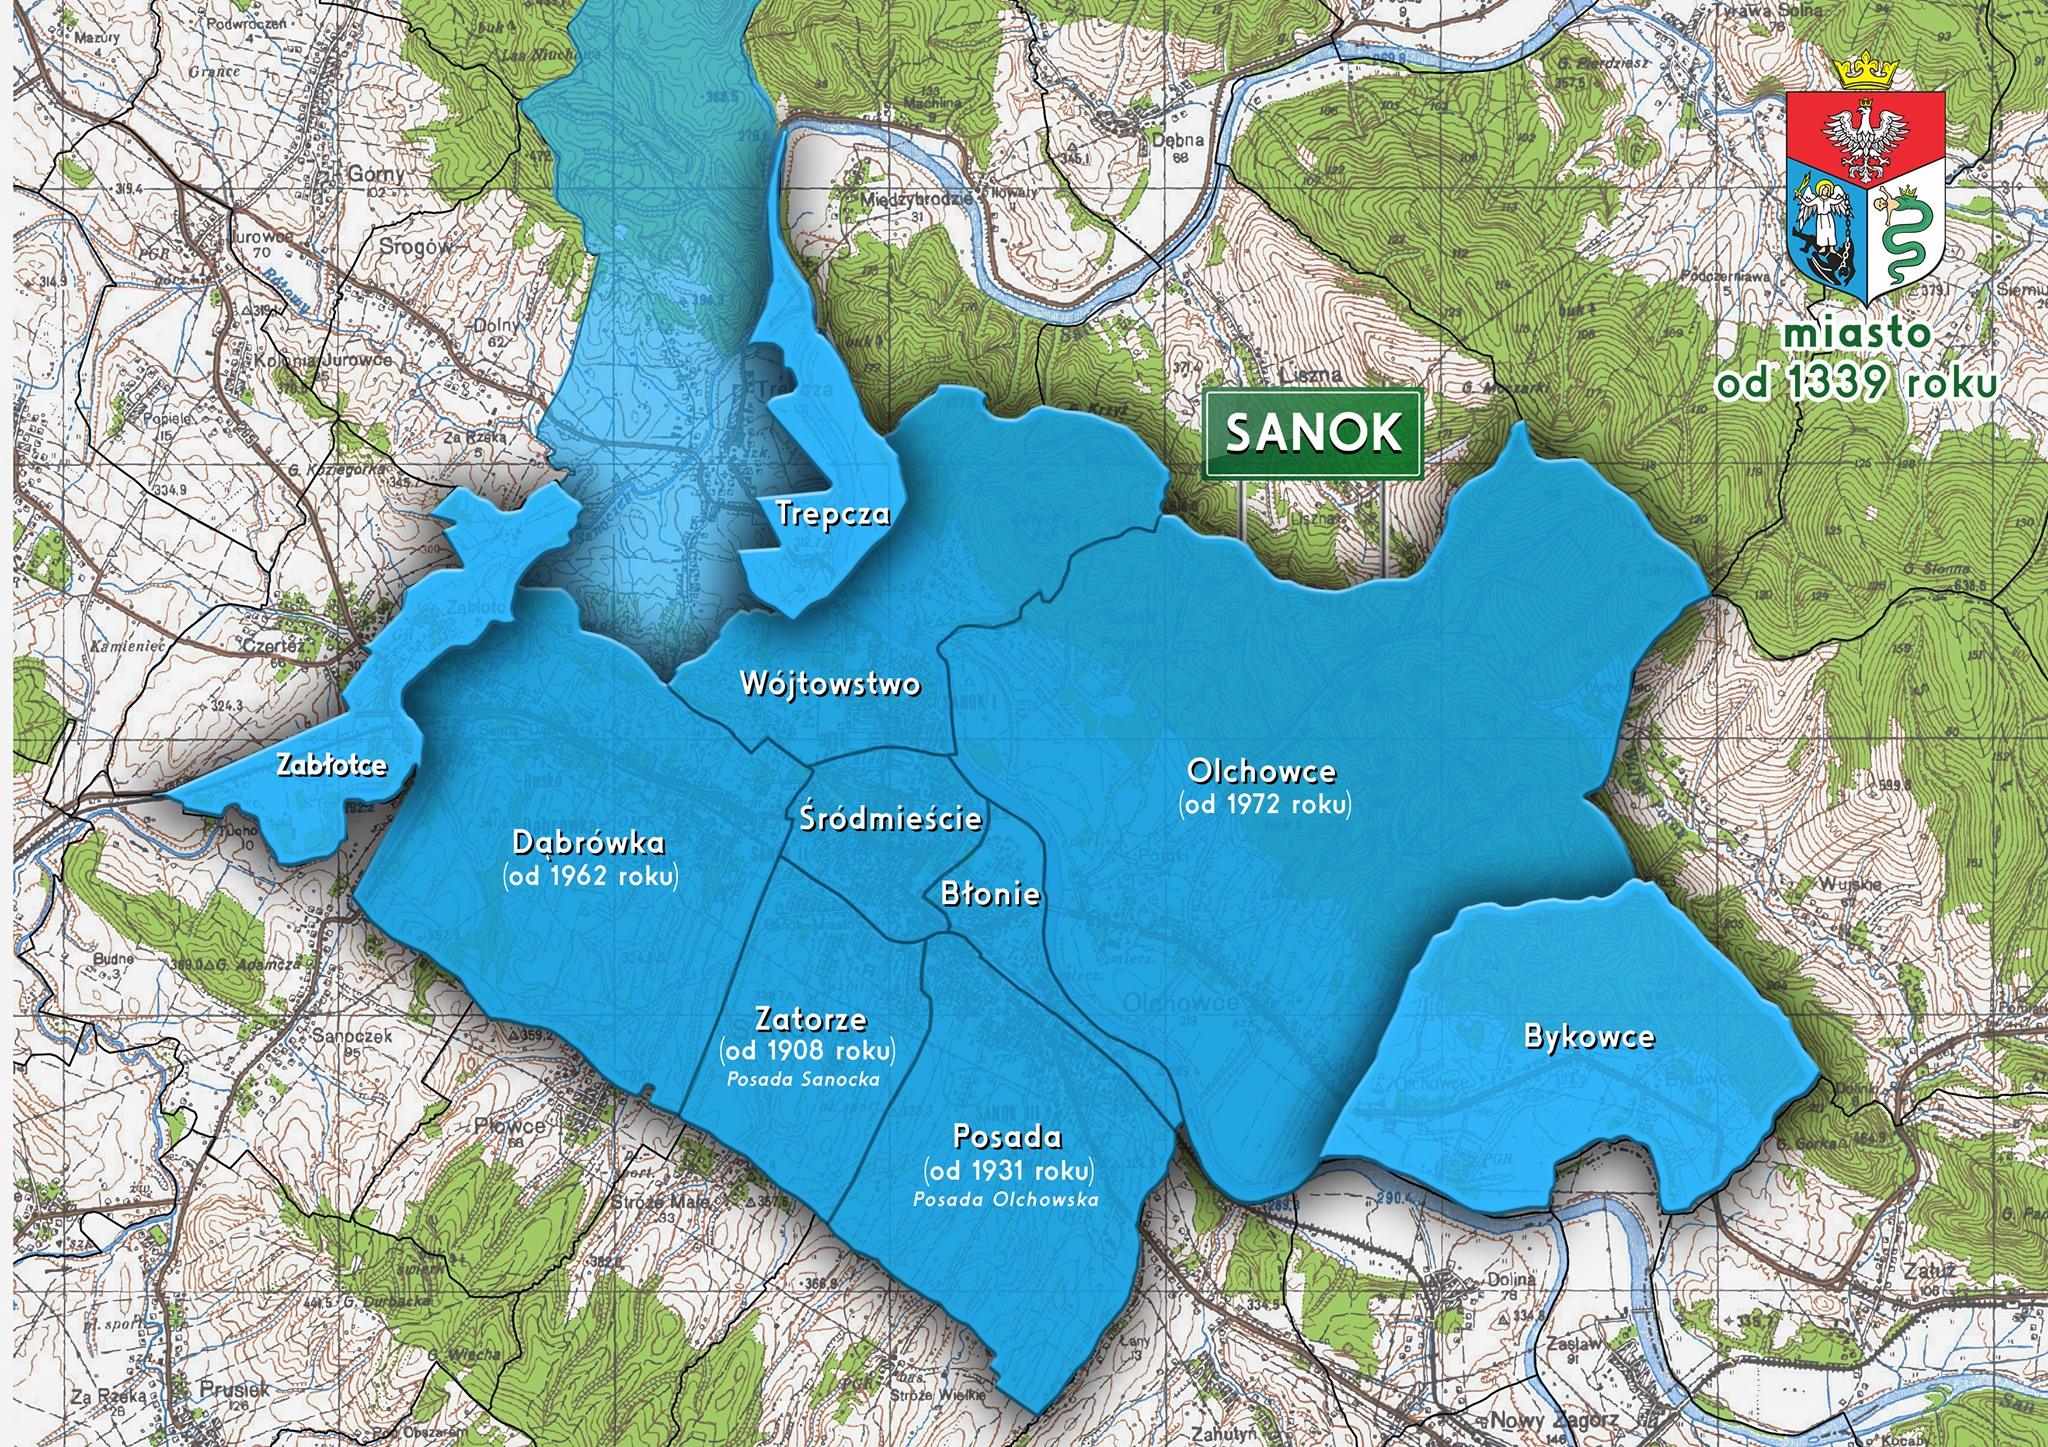 Procedura poszerzenia granic Sanoka jest nadal w toku! - Zdjęcie główne